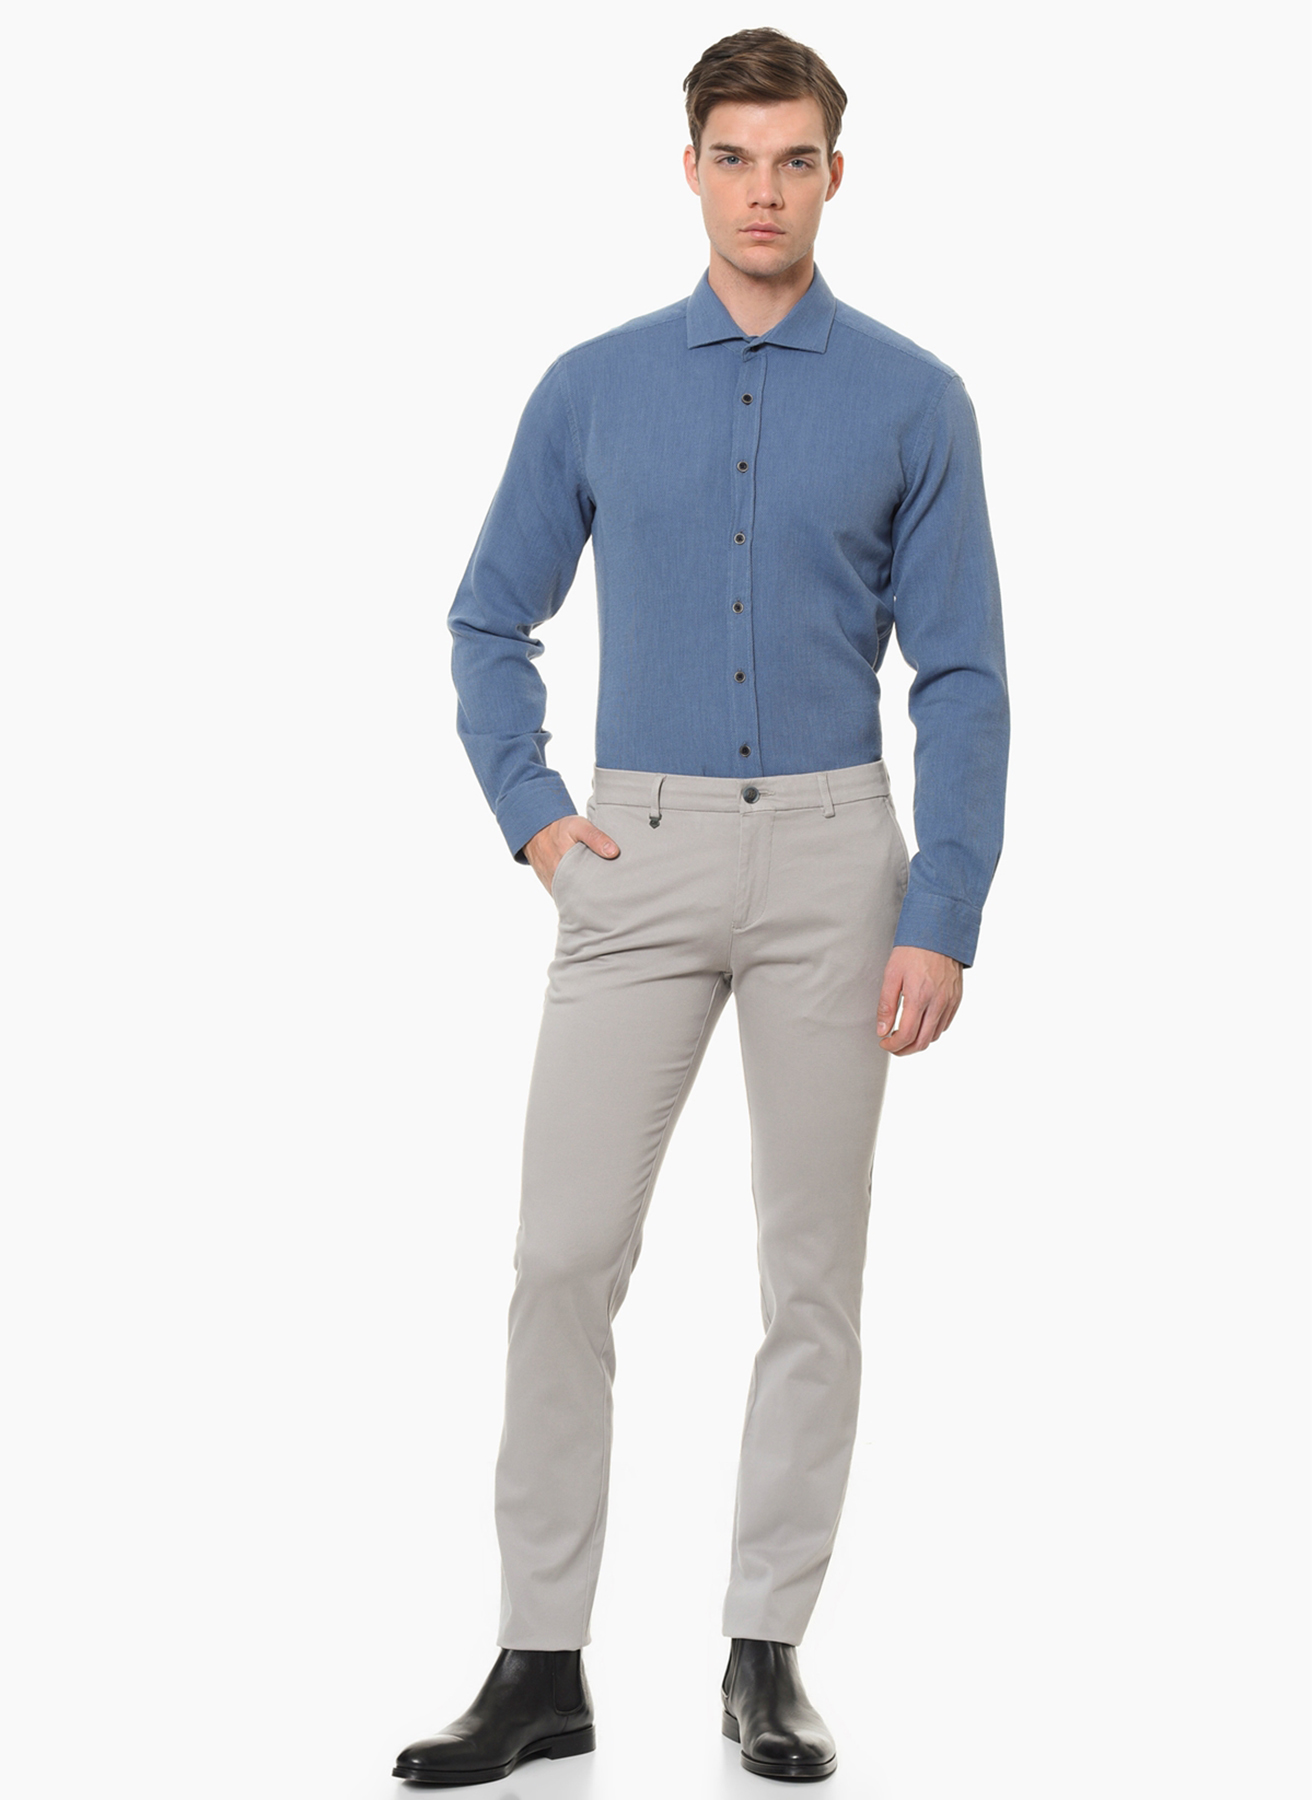 George Hogg Casual Gri Klasik Pantolon 50 5001699472003 Ürün Resmi